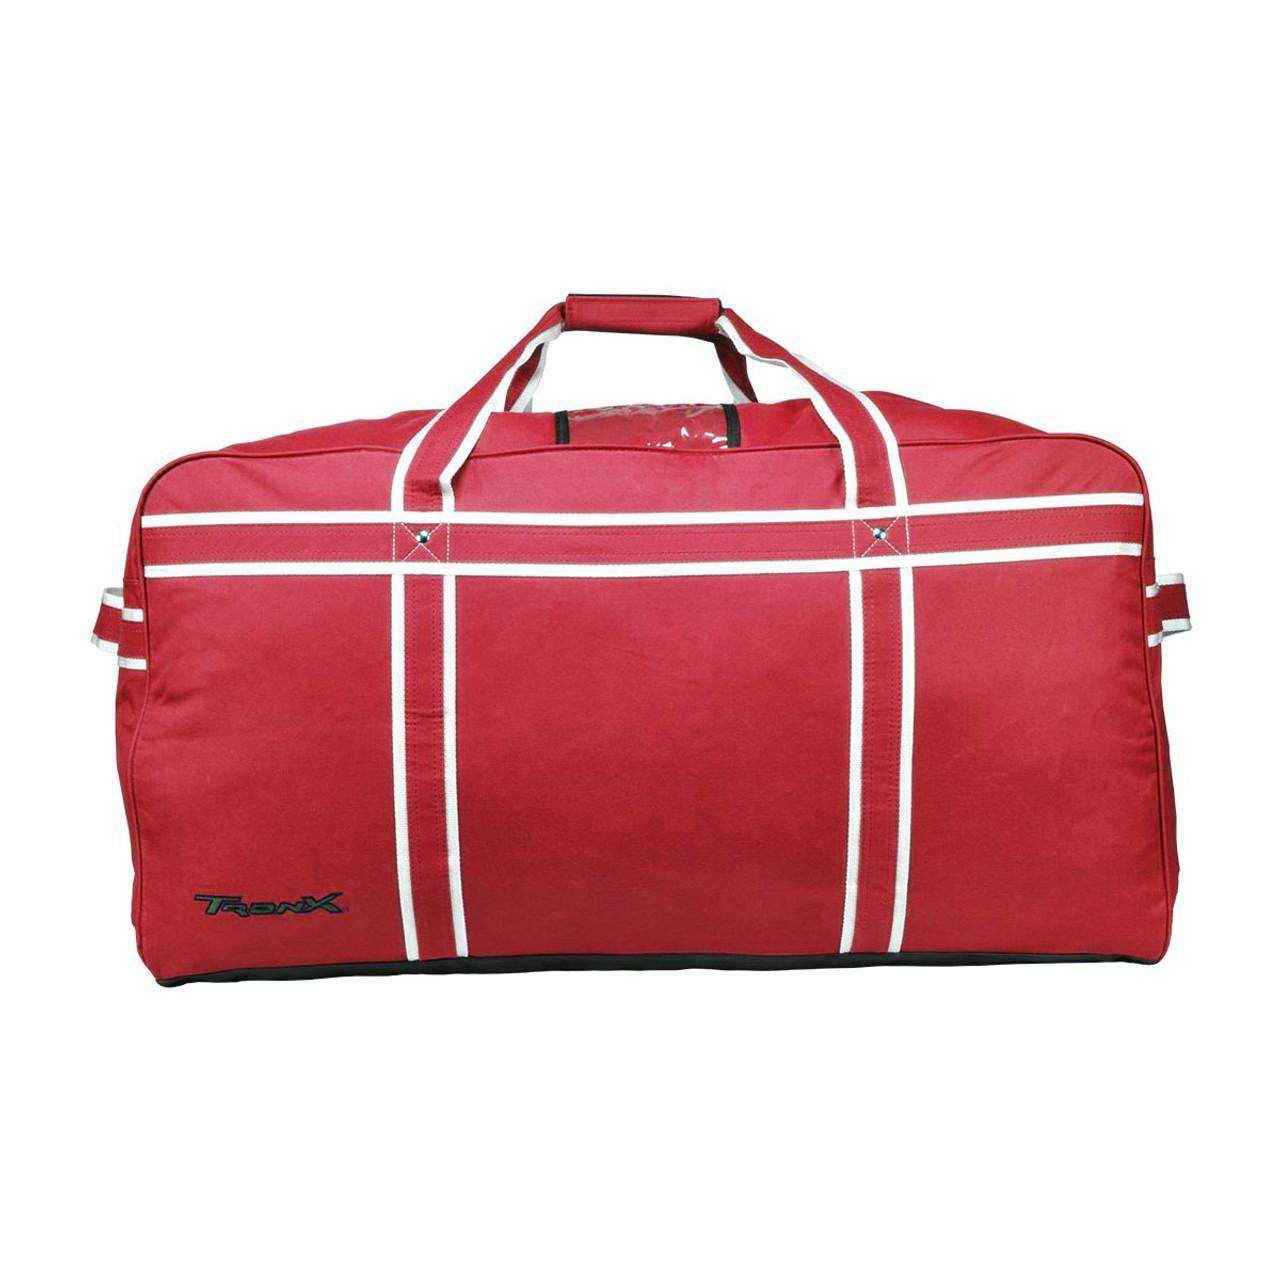 1caadfd7e6e Tron TronX Pro Hockey Travel Bag - Red - everysportforless.com